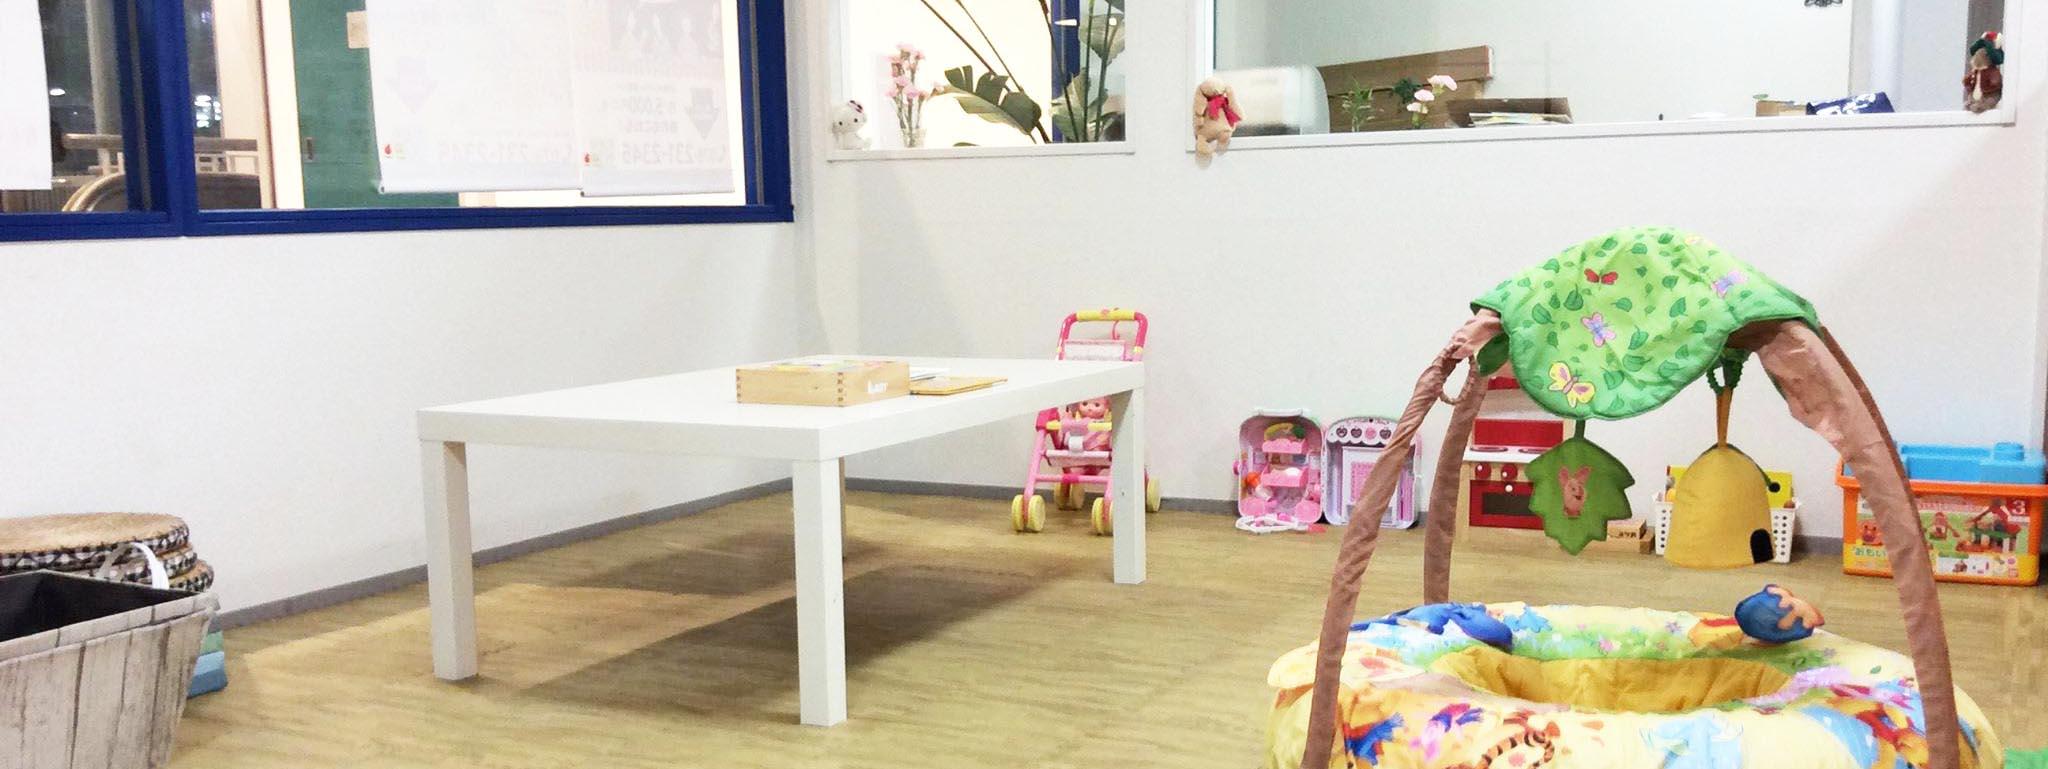 新神戸・三宮の託児スペース、コワーキングスペース、レンタルスペース 貸し会議室